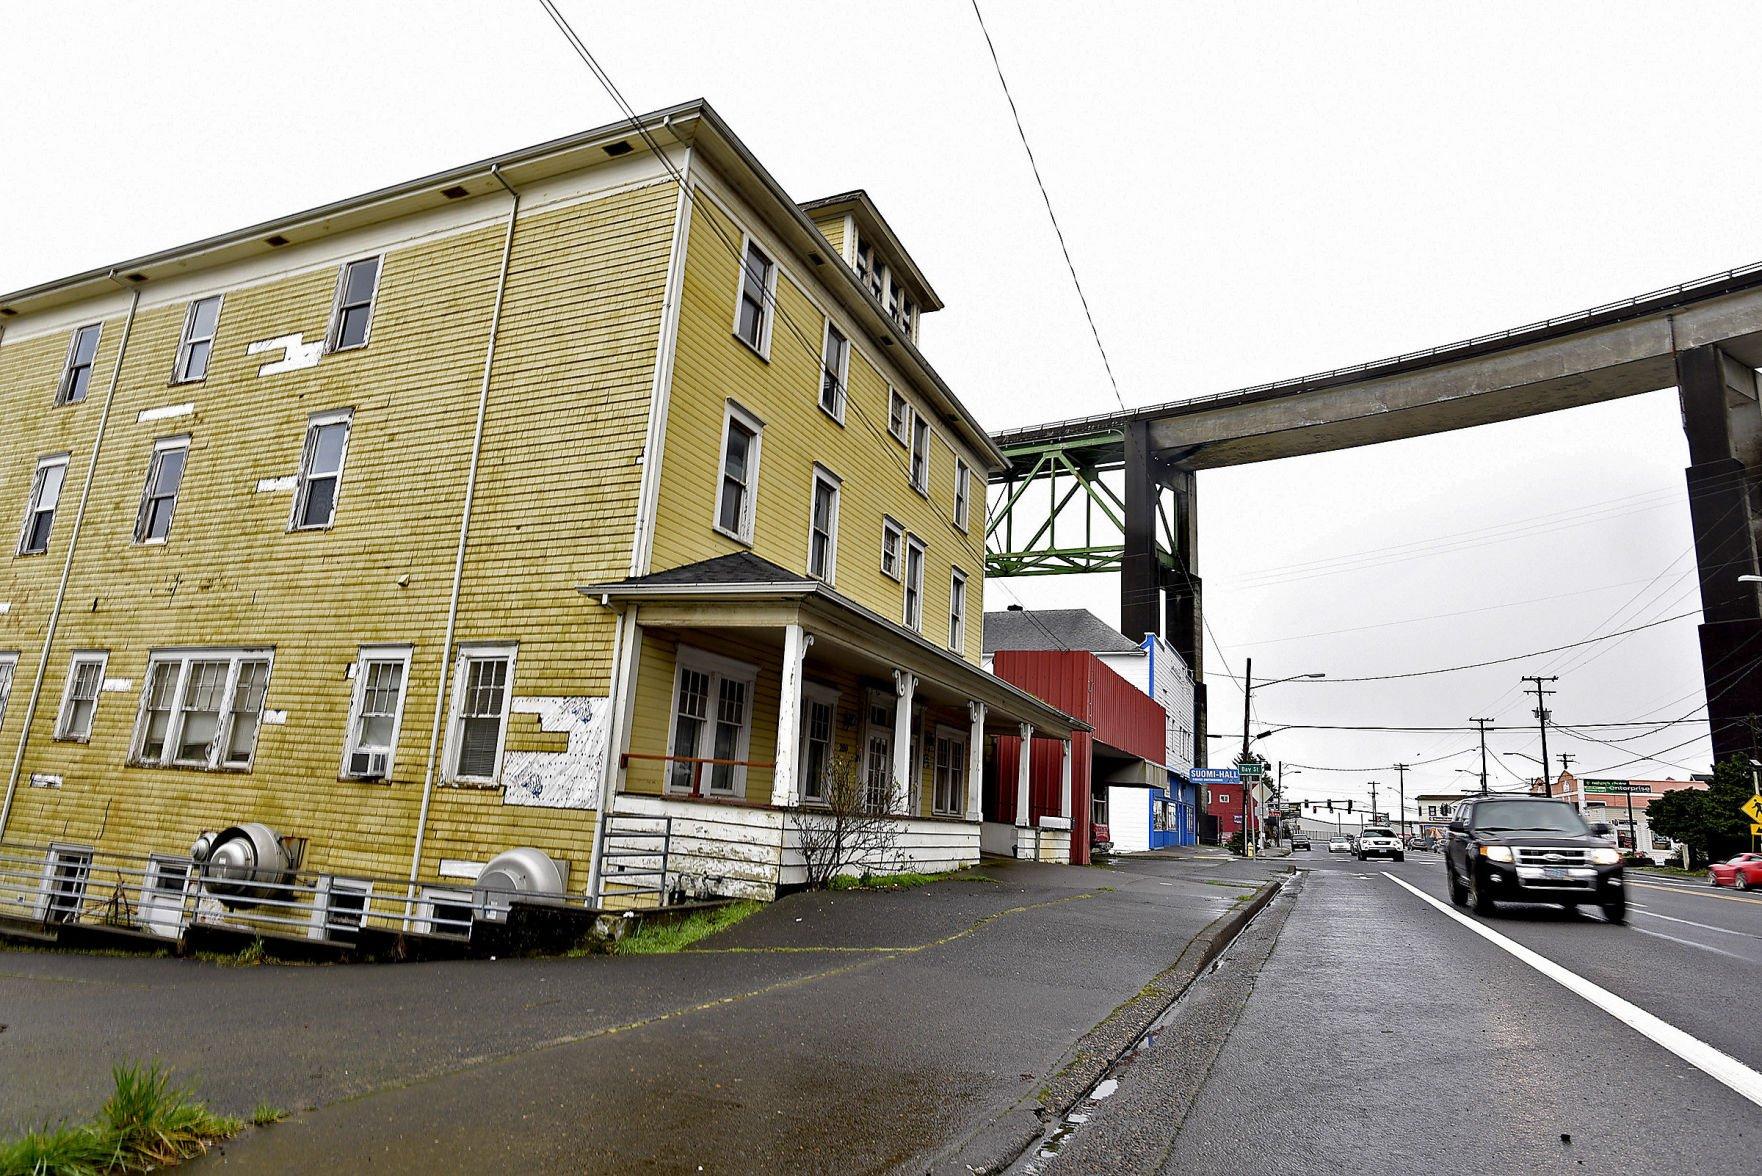 homeless shelter expands to astoria local news dailyastorian com rh dailyastorian com